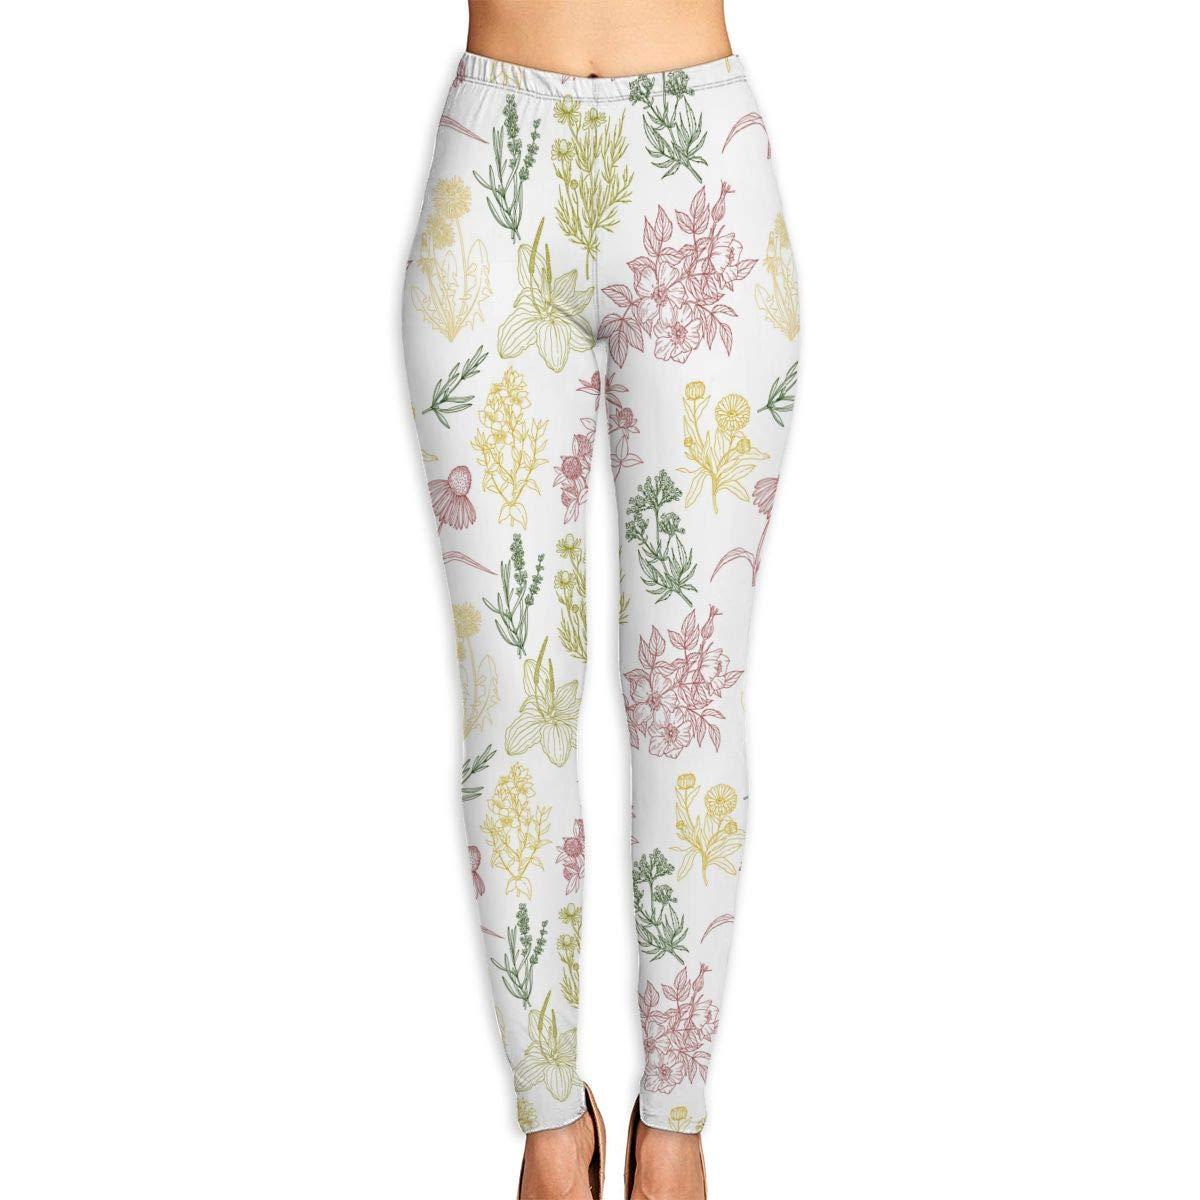 Amazon.com: Vanessa - Pantalones de yoga elásticos para ...